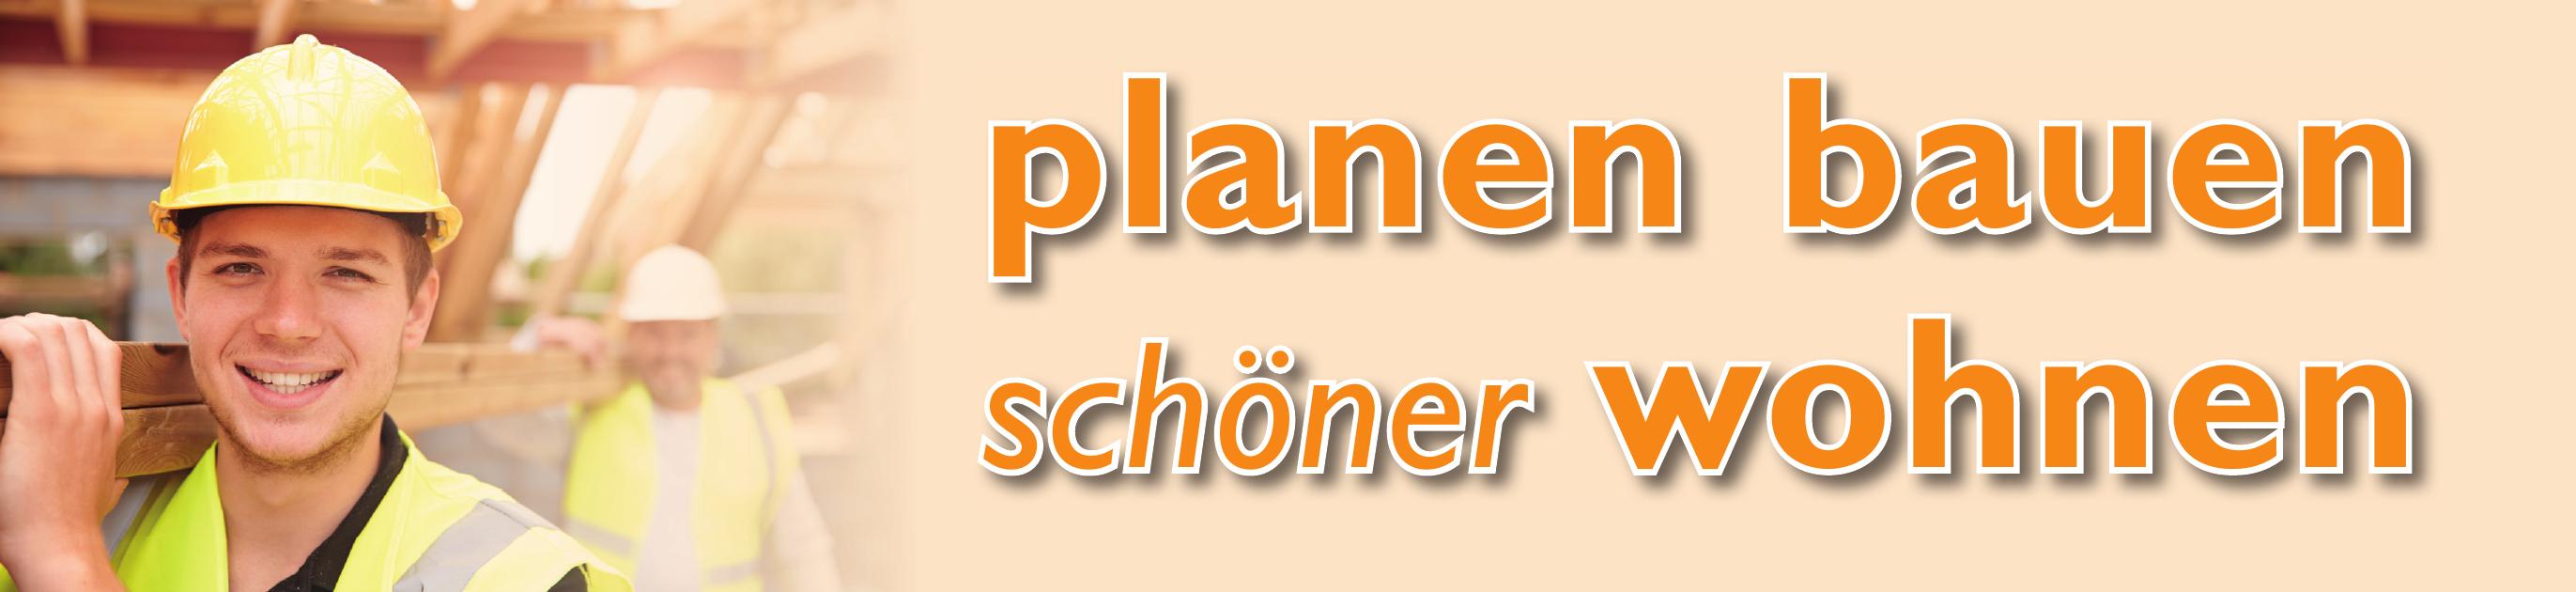 Fussboden Bauer aus Motten-Kothen setzt Maßstäbe Image 1